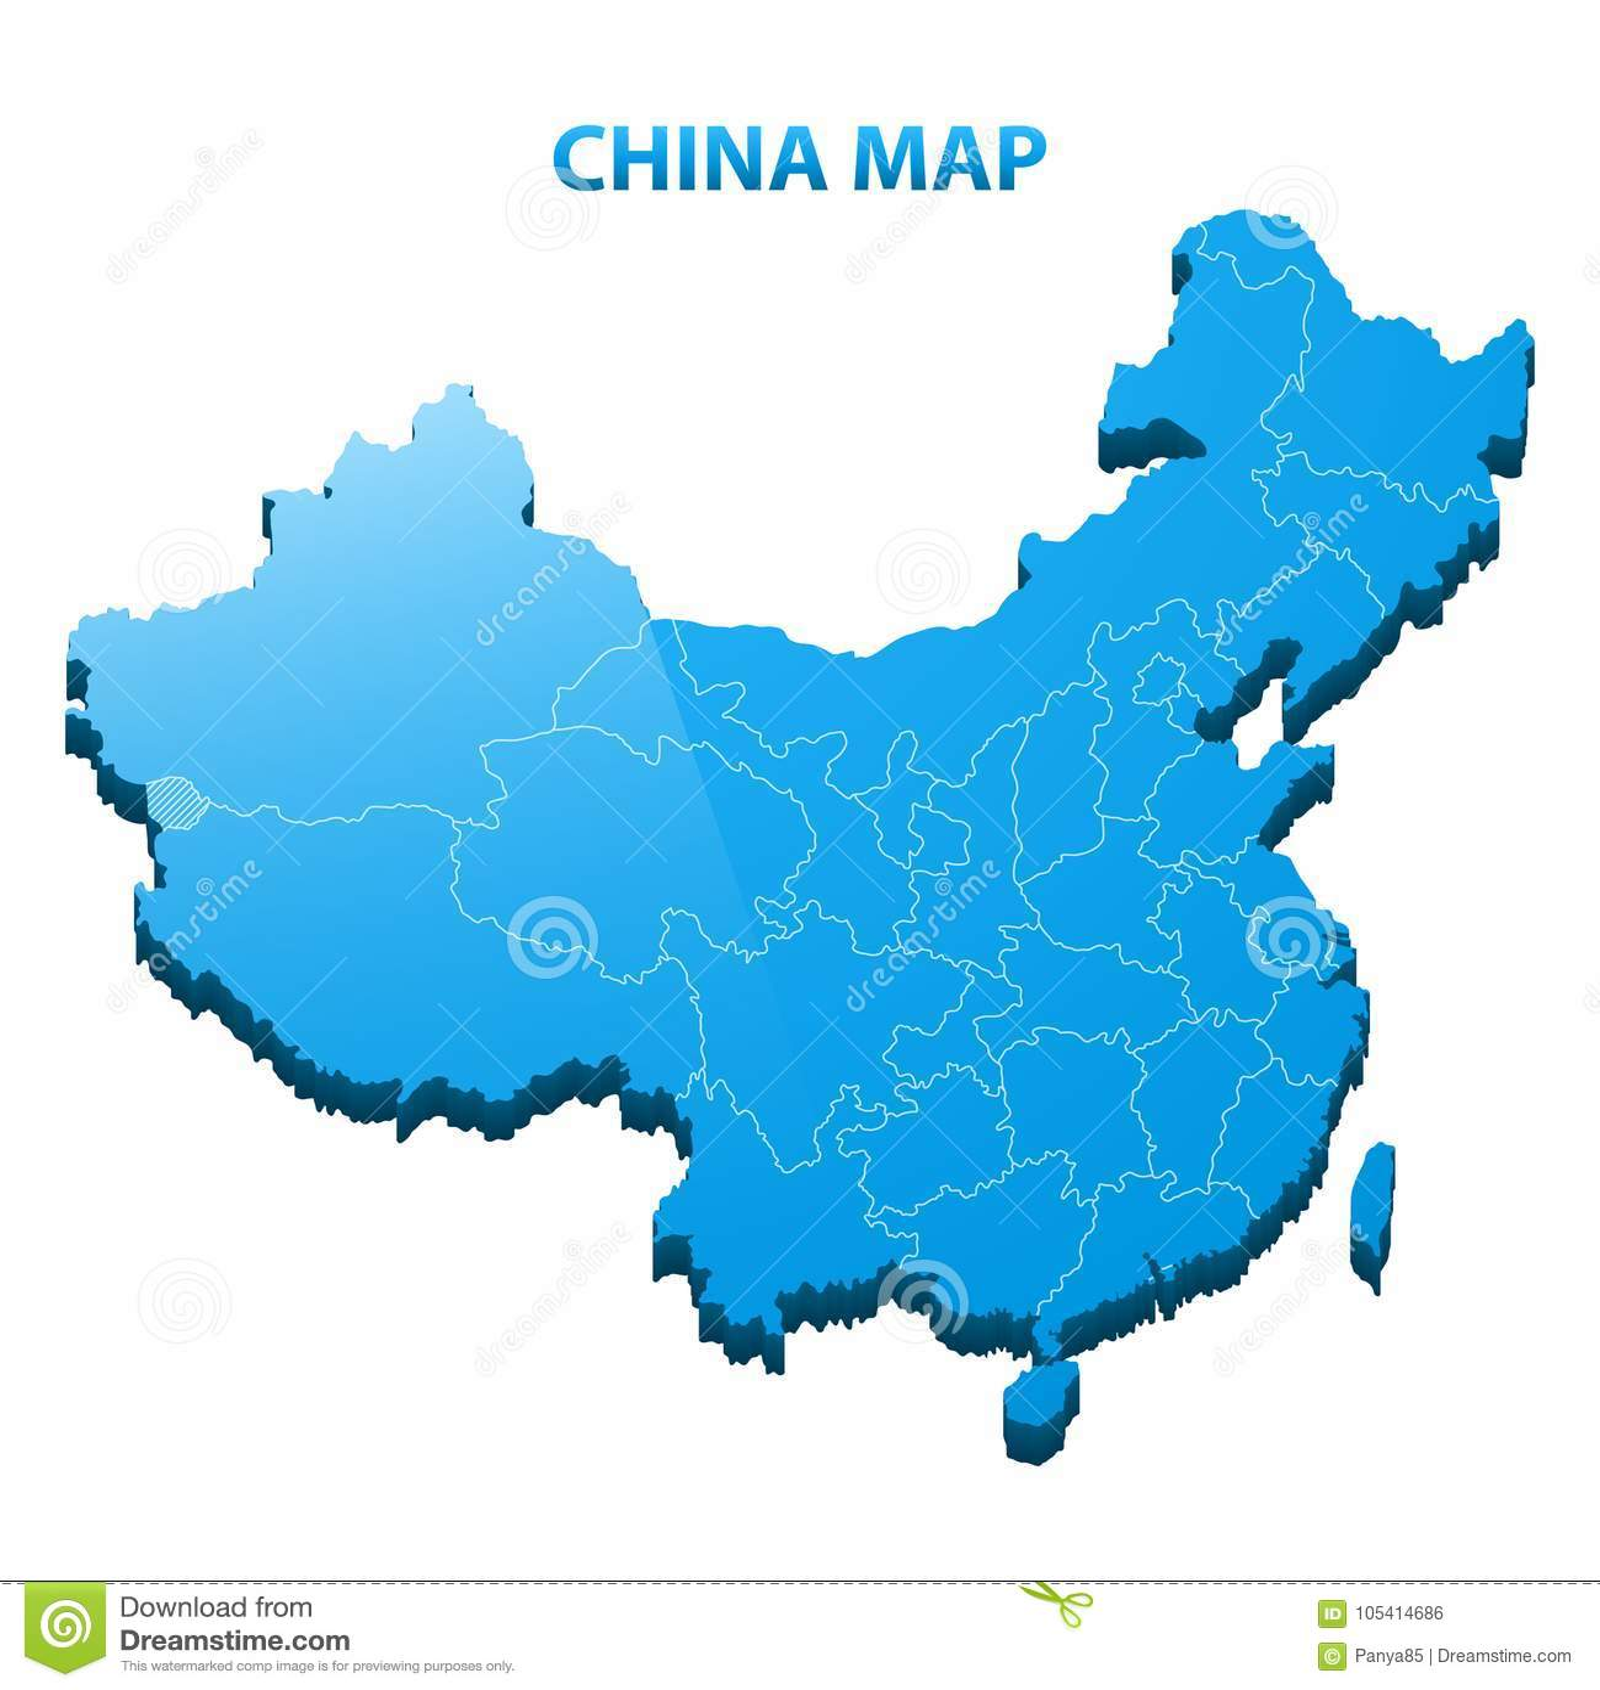 Carte Chine Frontiere.Carte Tridimensionnelle Fortement Detaillee De La Chine Avec